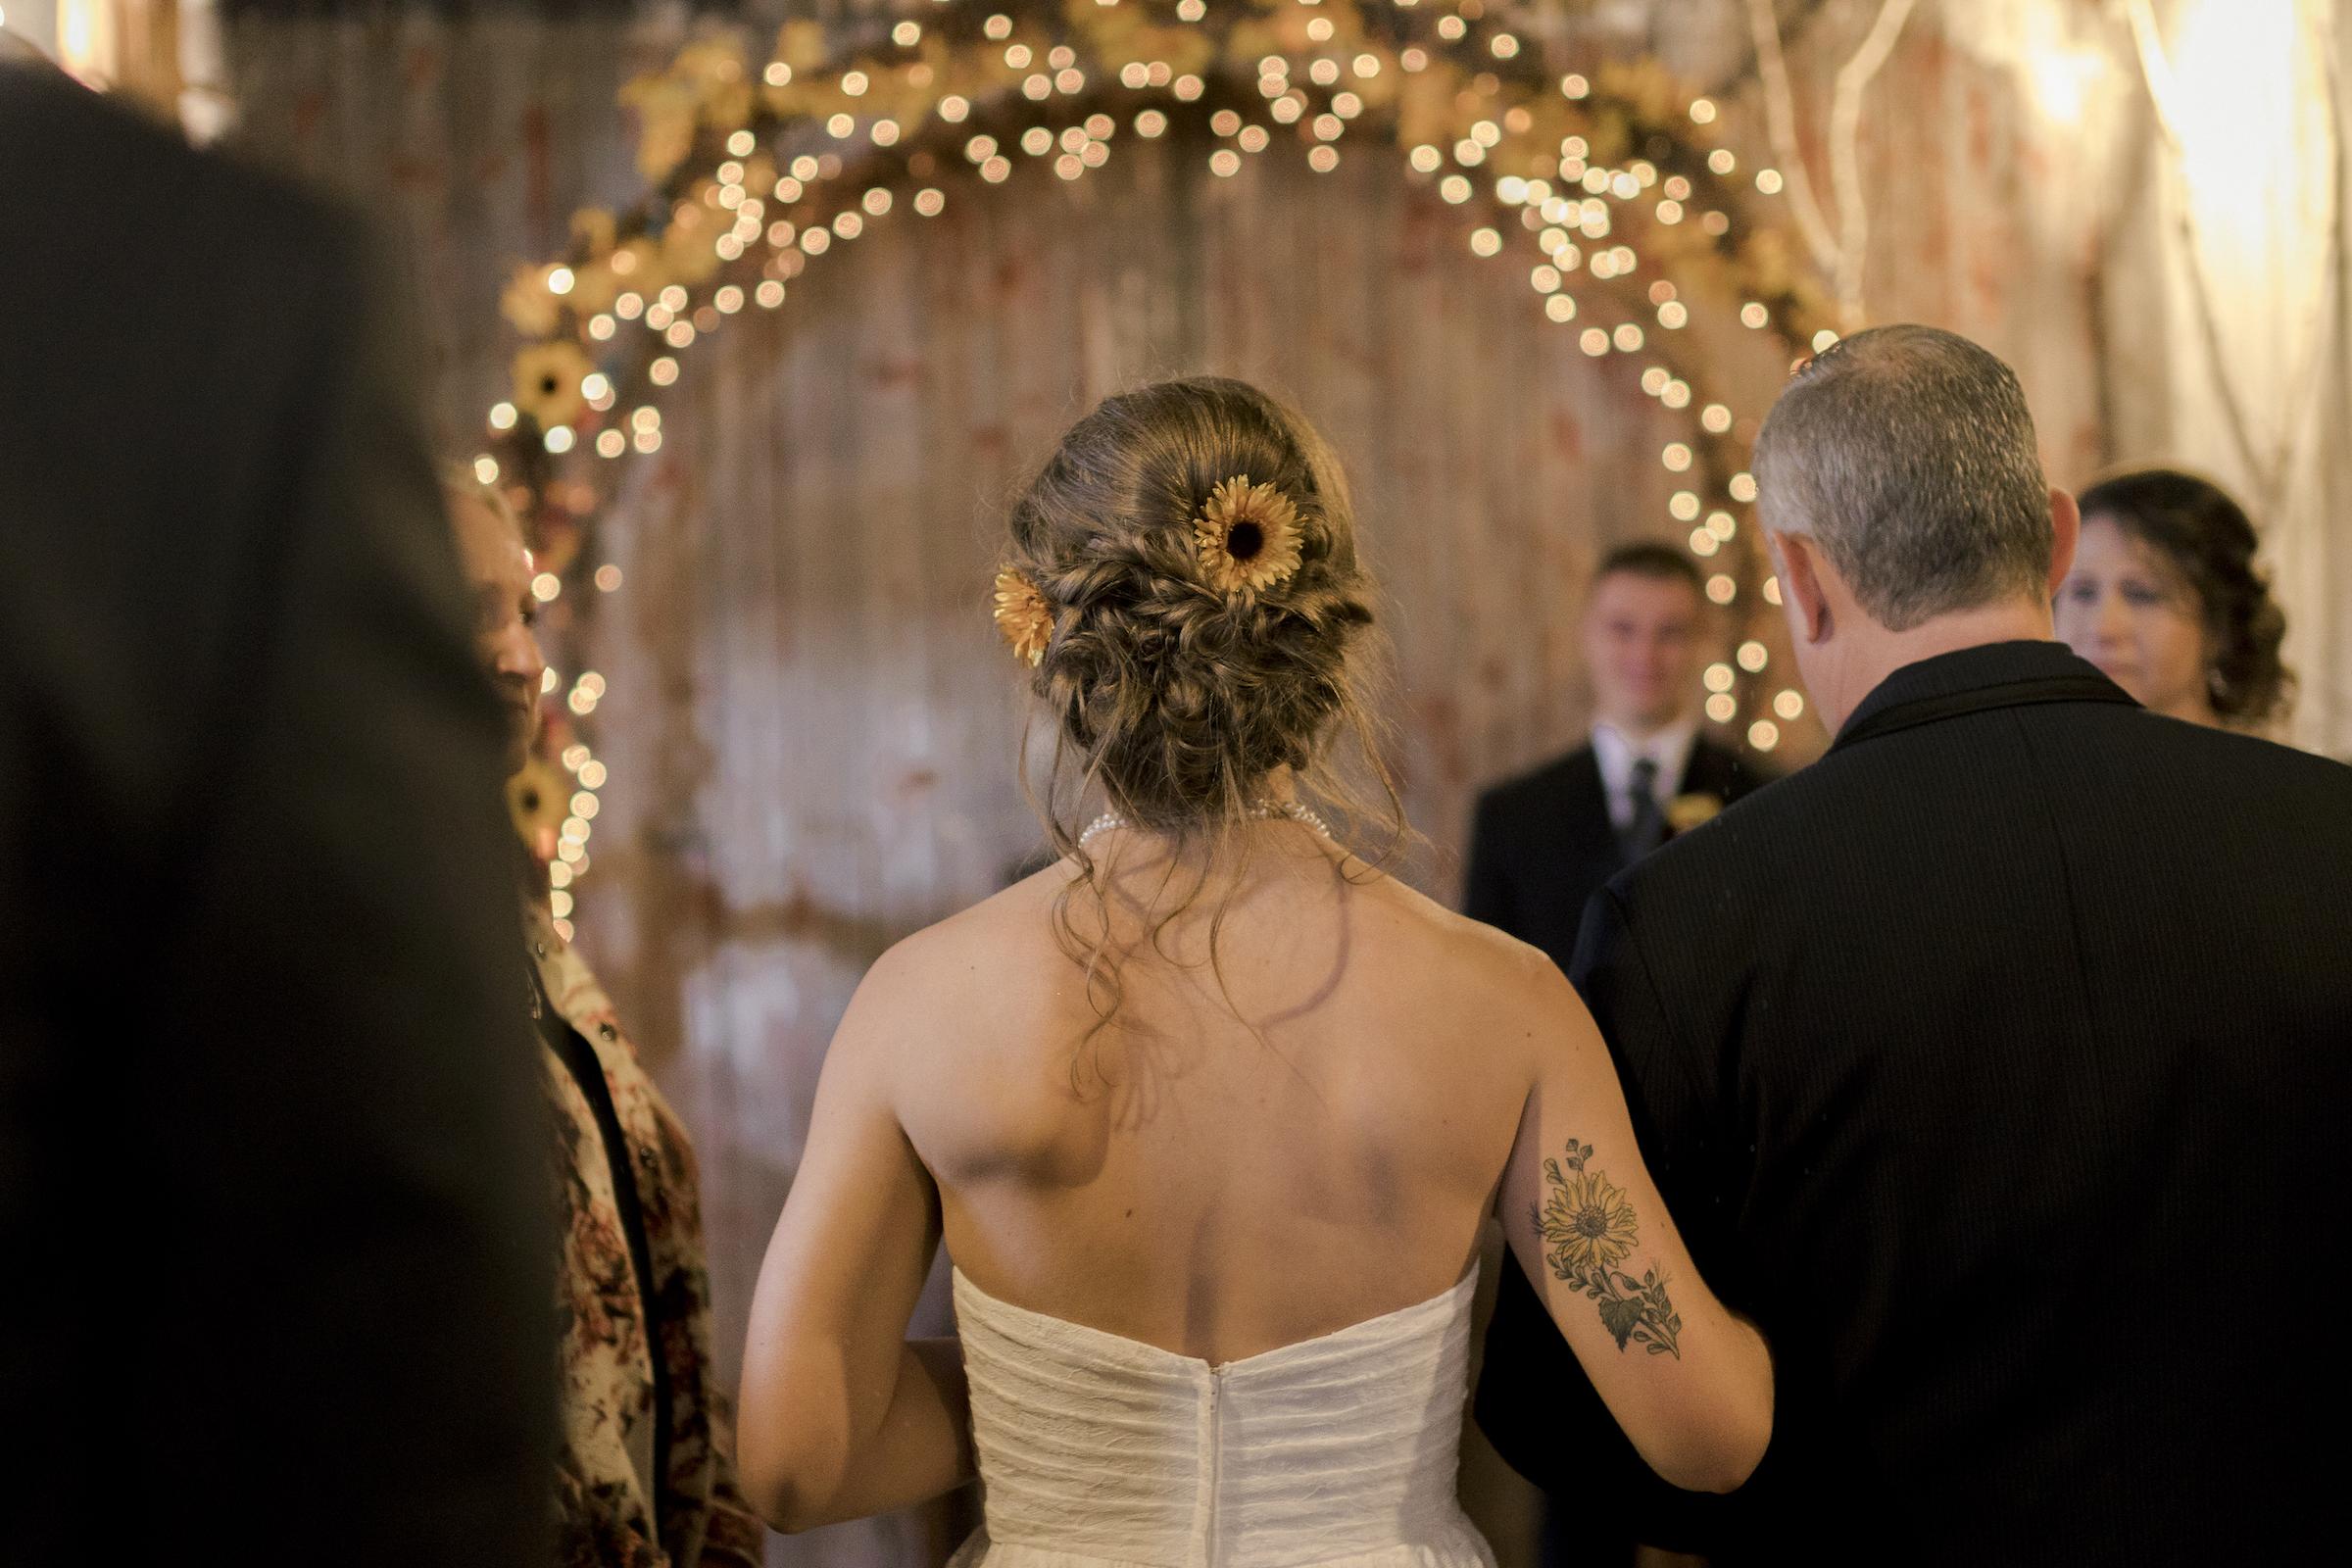 scharphornwedding-10-28-madisonrenephotography-182.jpg